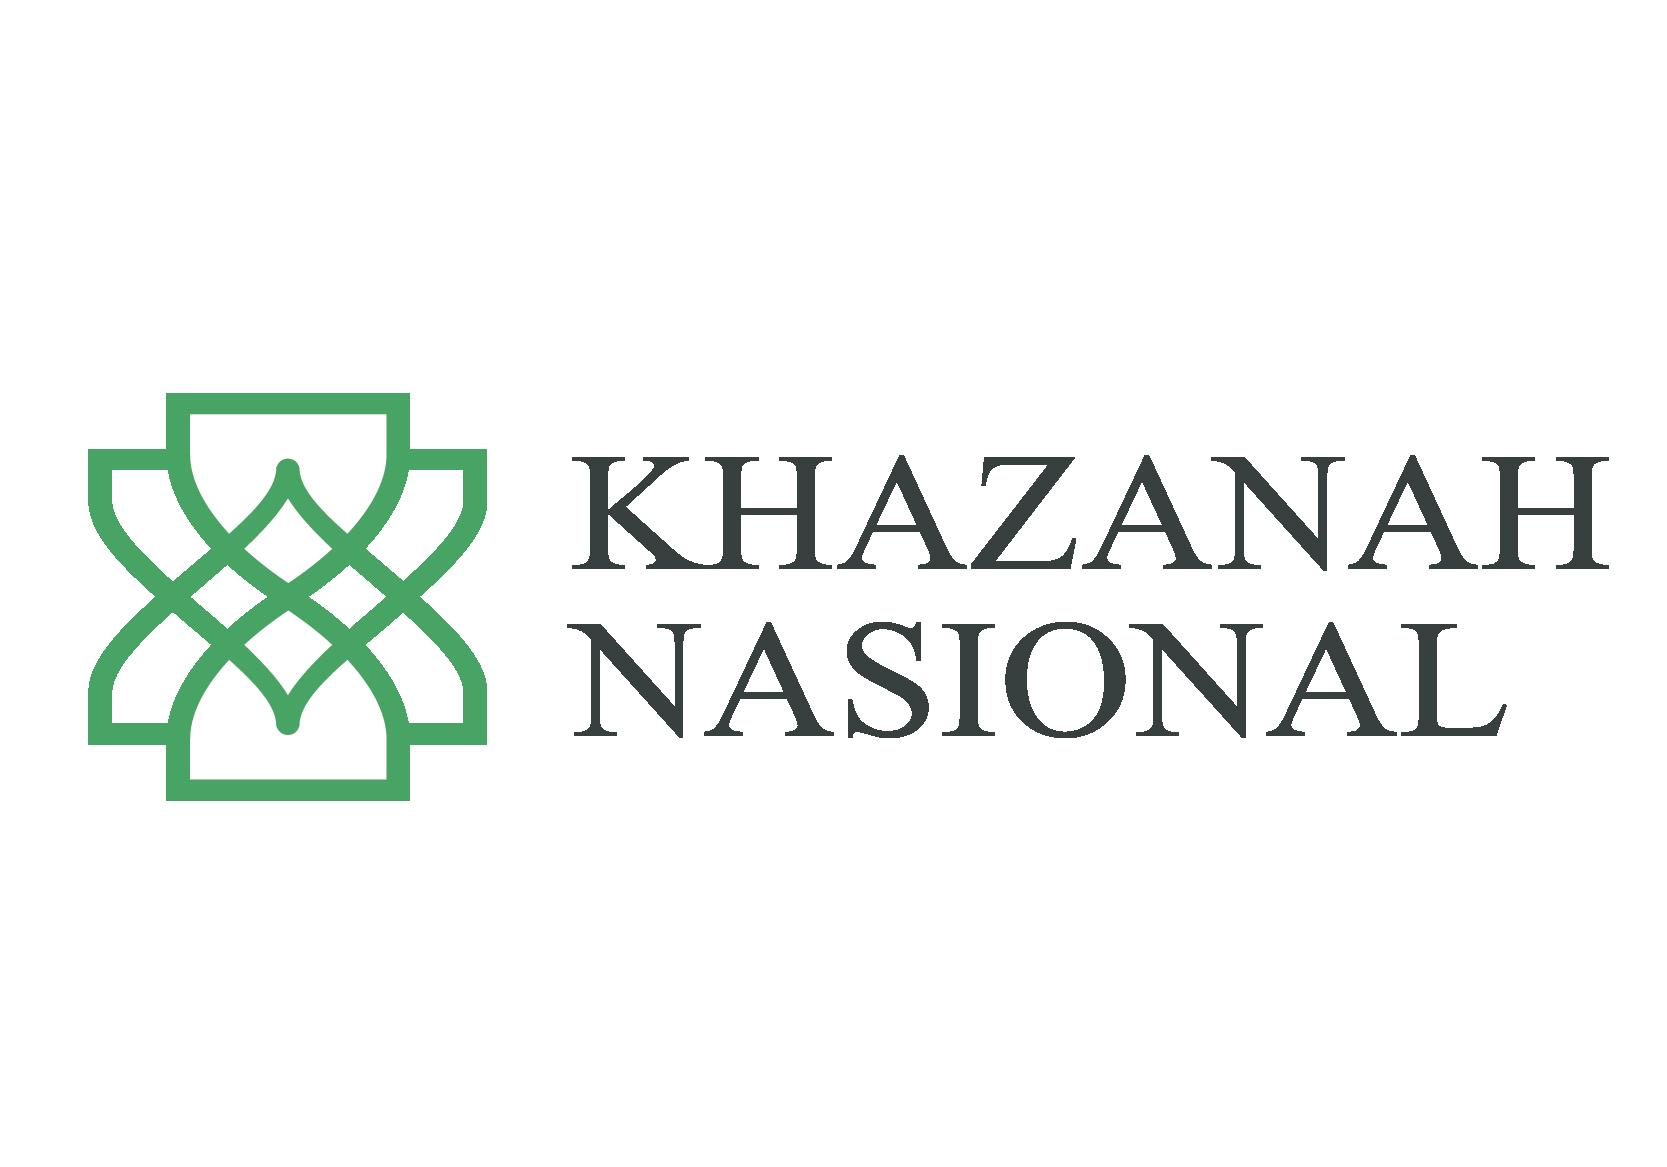 Khazanah Nasional Berhad KNB